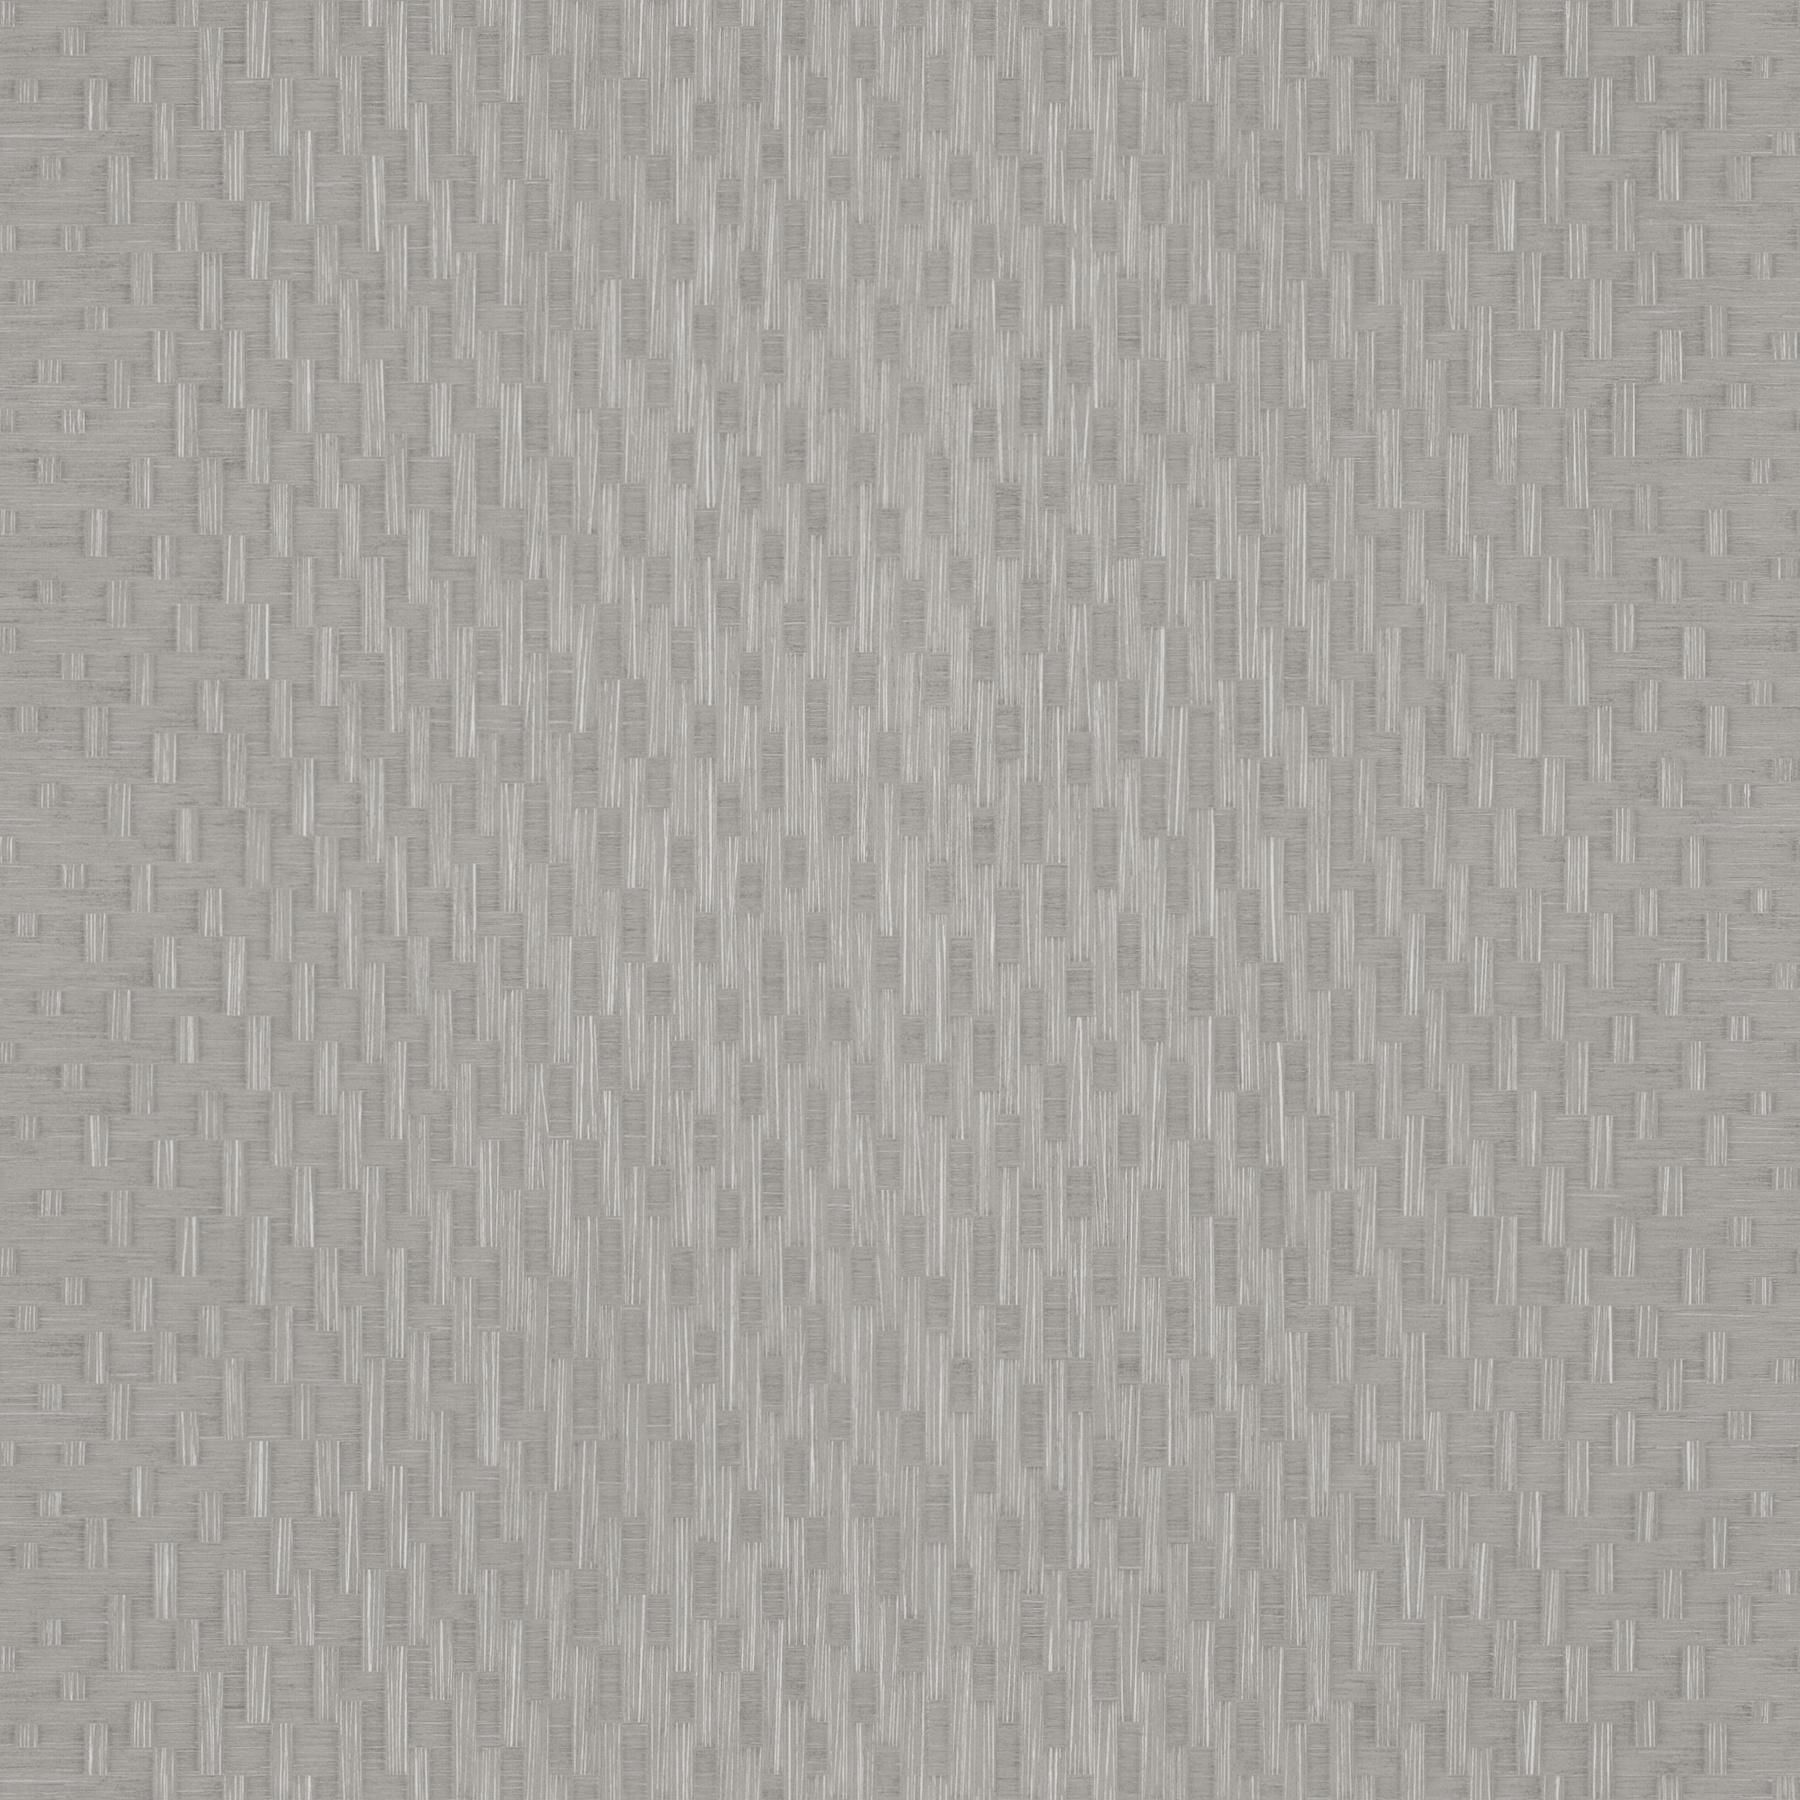 wallpapers balance 4 4030 094 jab anstoetz. Black Bedroom Furniture Sets. Home Design Ideas